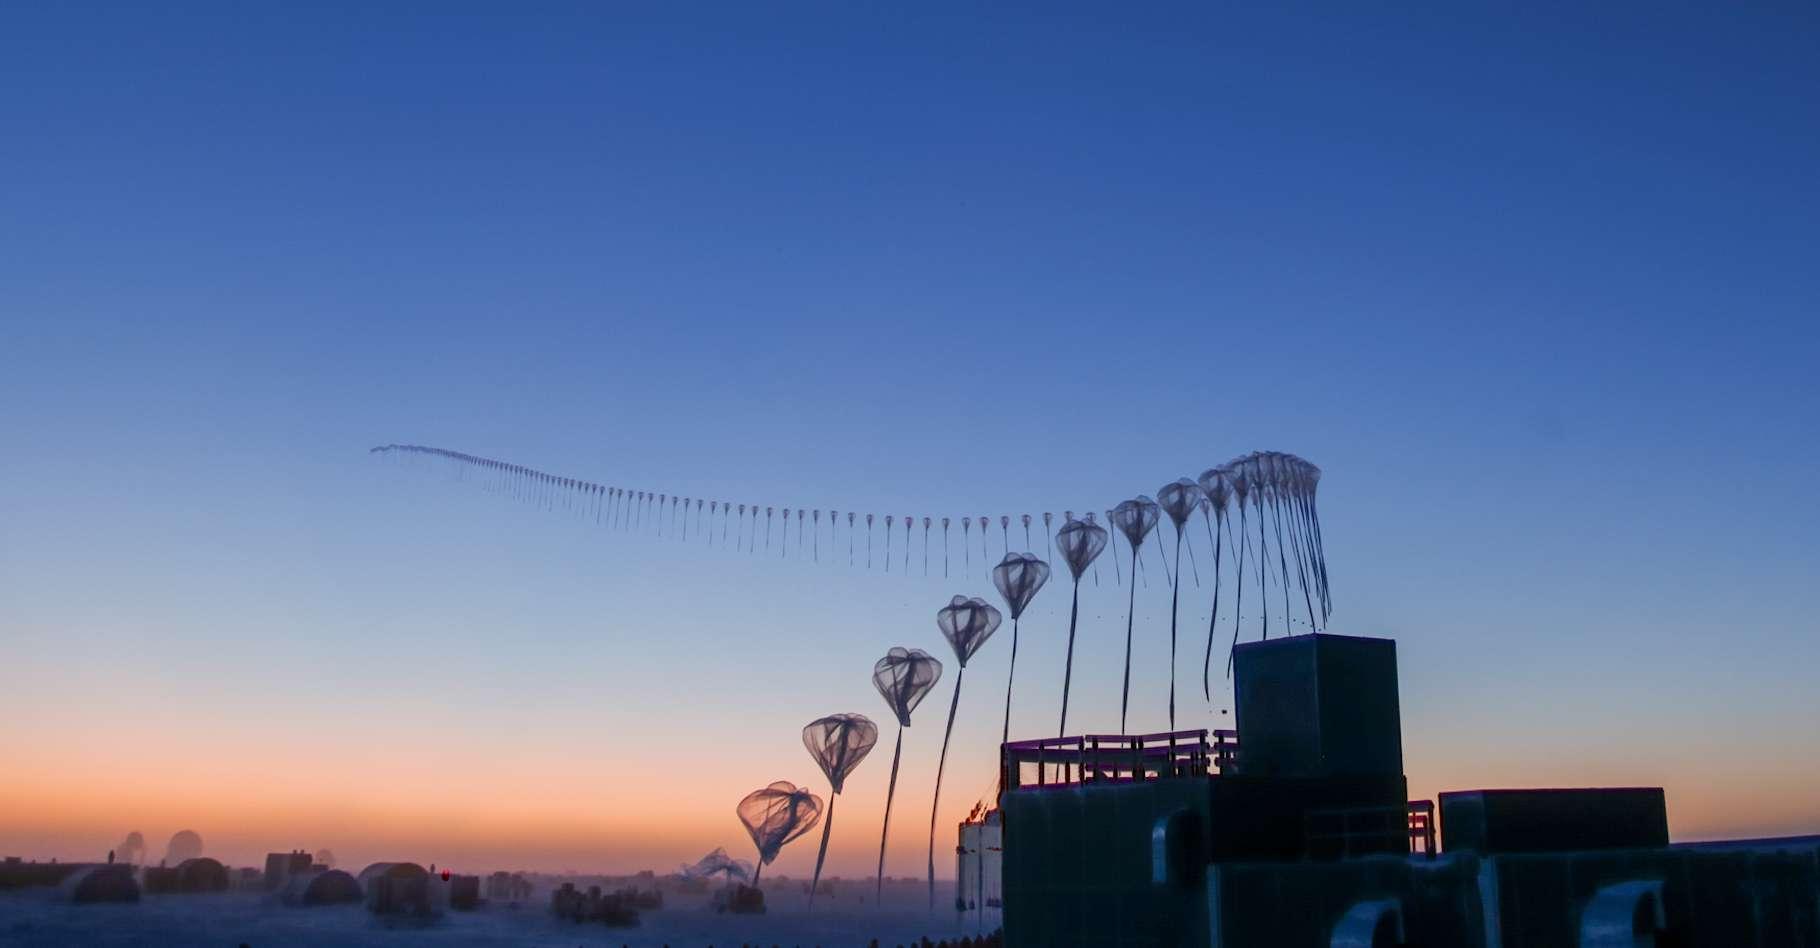 Des conditions météorologiques telles que celles qui ont conduit à limiter cette année le trou dans la couche d'ozone ont déjà été enregistrées en 1988 et en 2002. Mais les chercheurs ignorent encore quelle en est l'origine. Ici, en time-laps, une sonde montant au-dessus du pôle Sud et destinée à mesurer l'épaisseur de la couche d'ozone très haut dans l'atmosphère. © Robert Schwarz/University of Minnesota